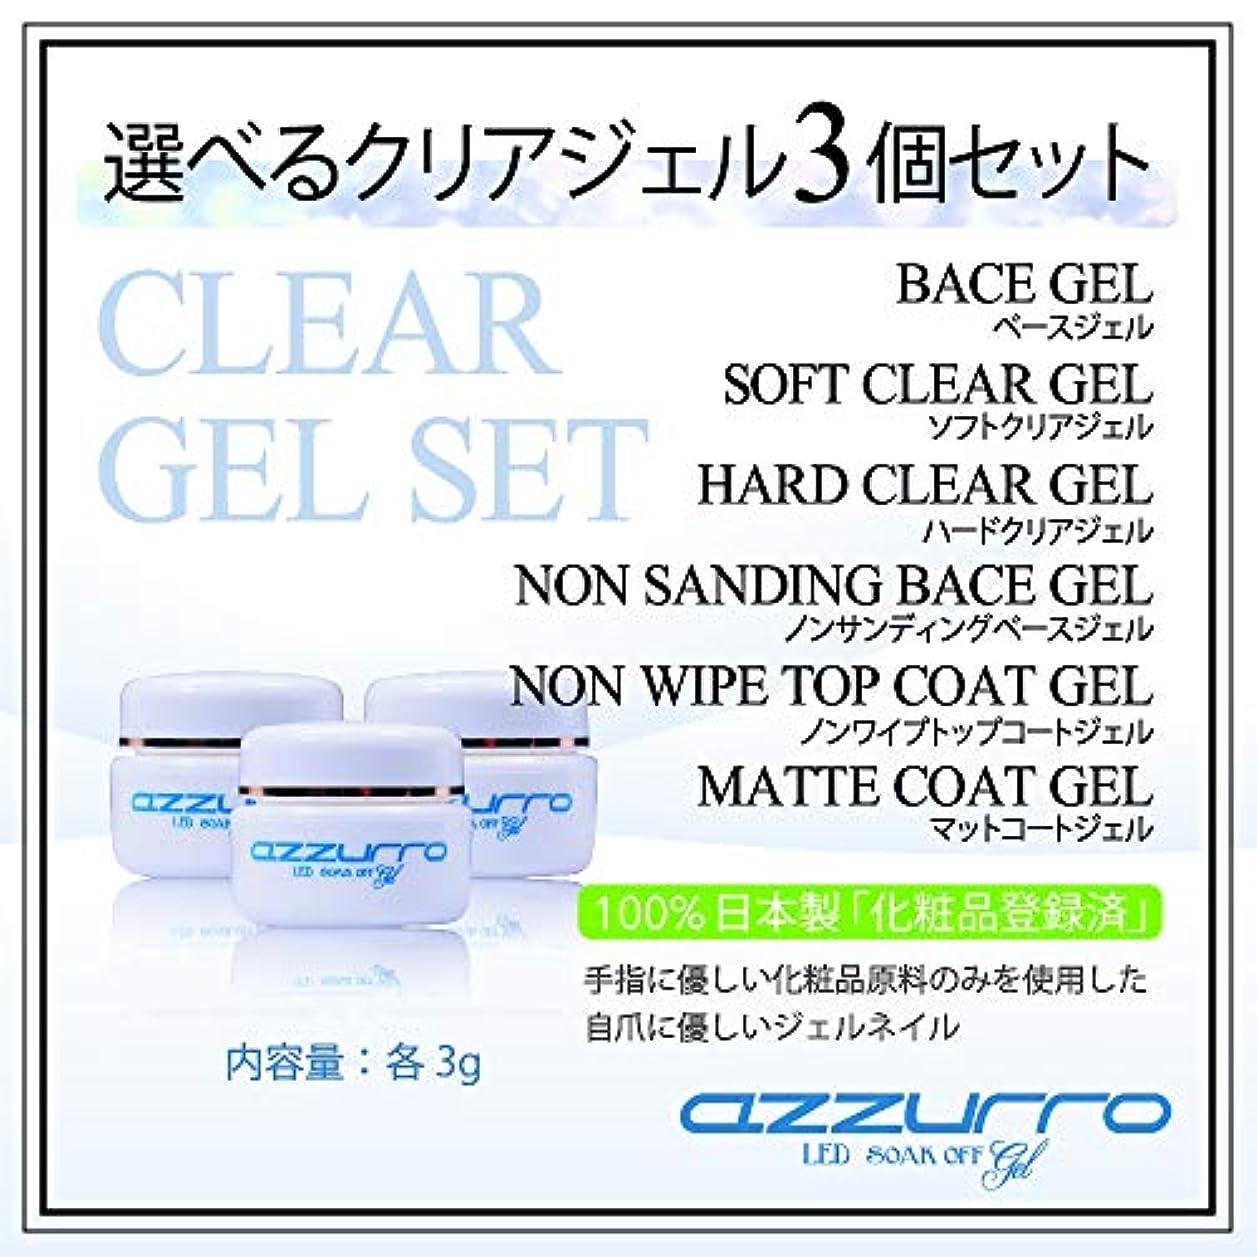 免疫するケイ素ピンazzurro gel アッズーロ選べるクリアージェル お得な3個セット